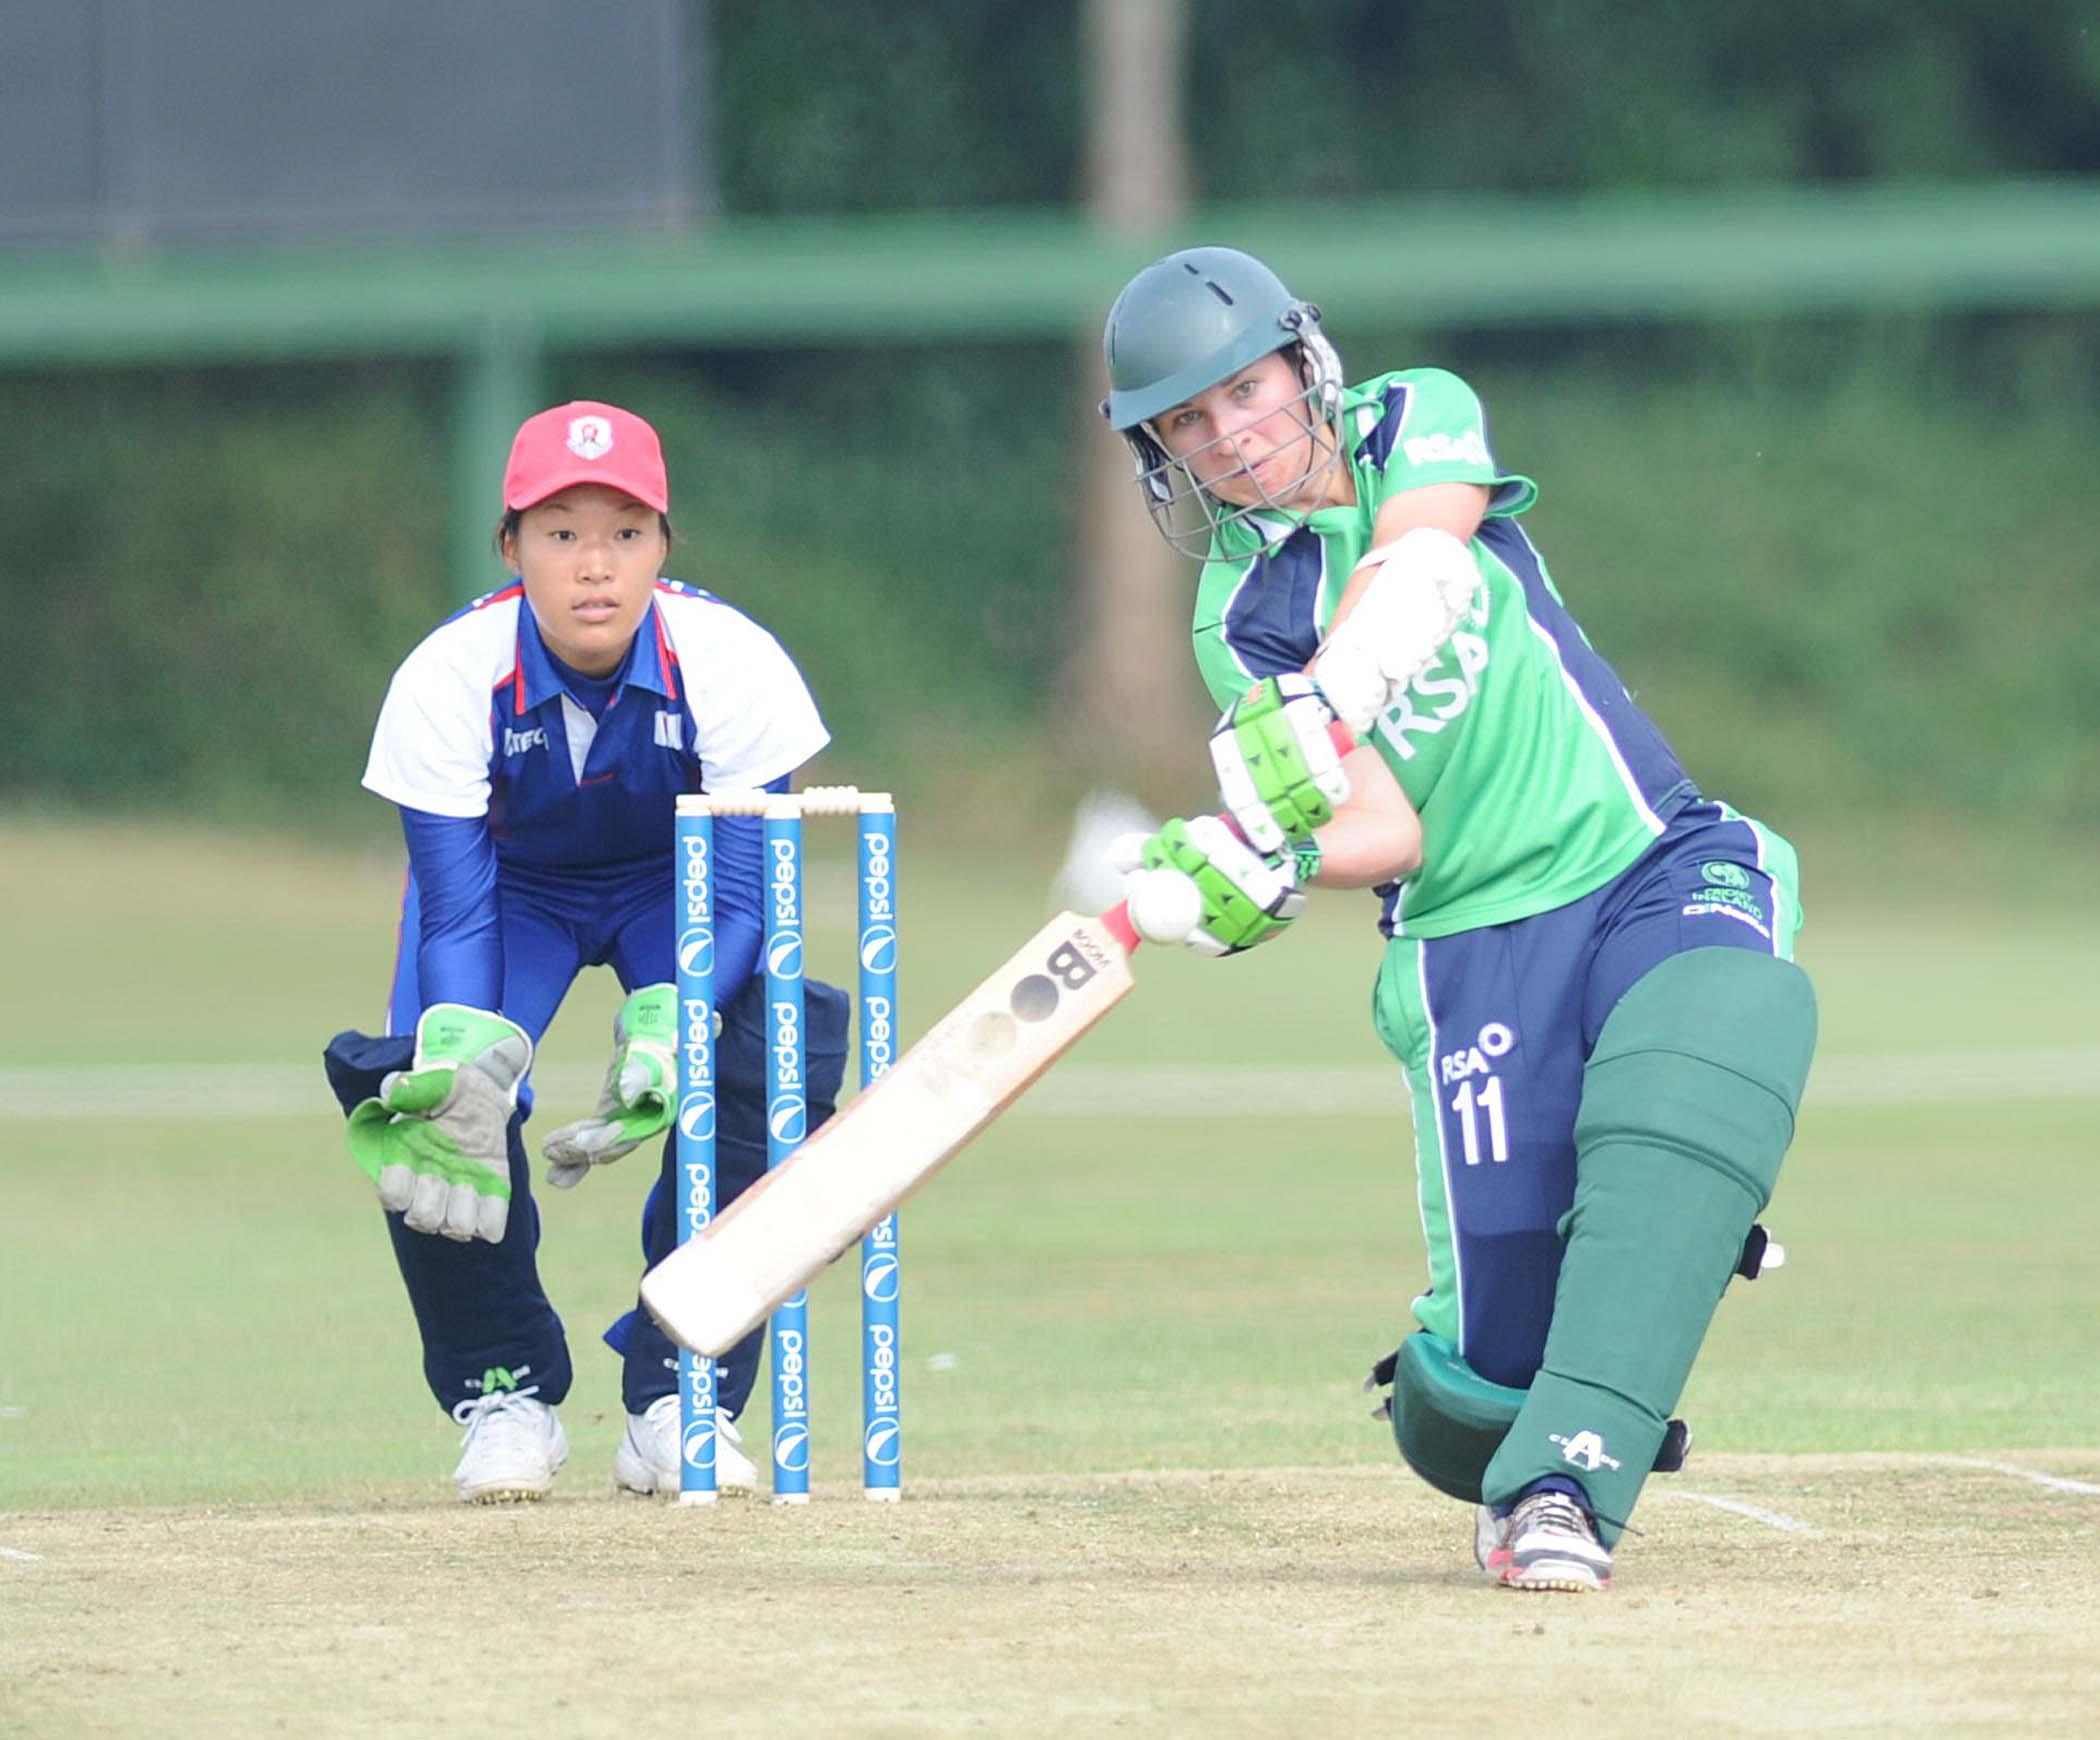 Clare Shillington Cricket